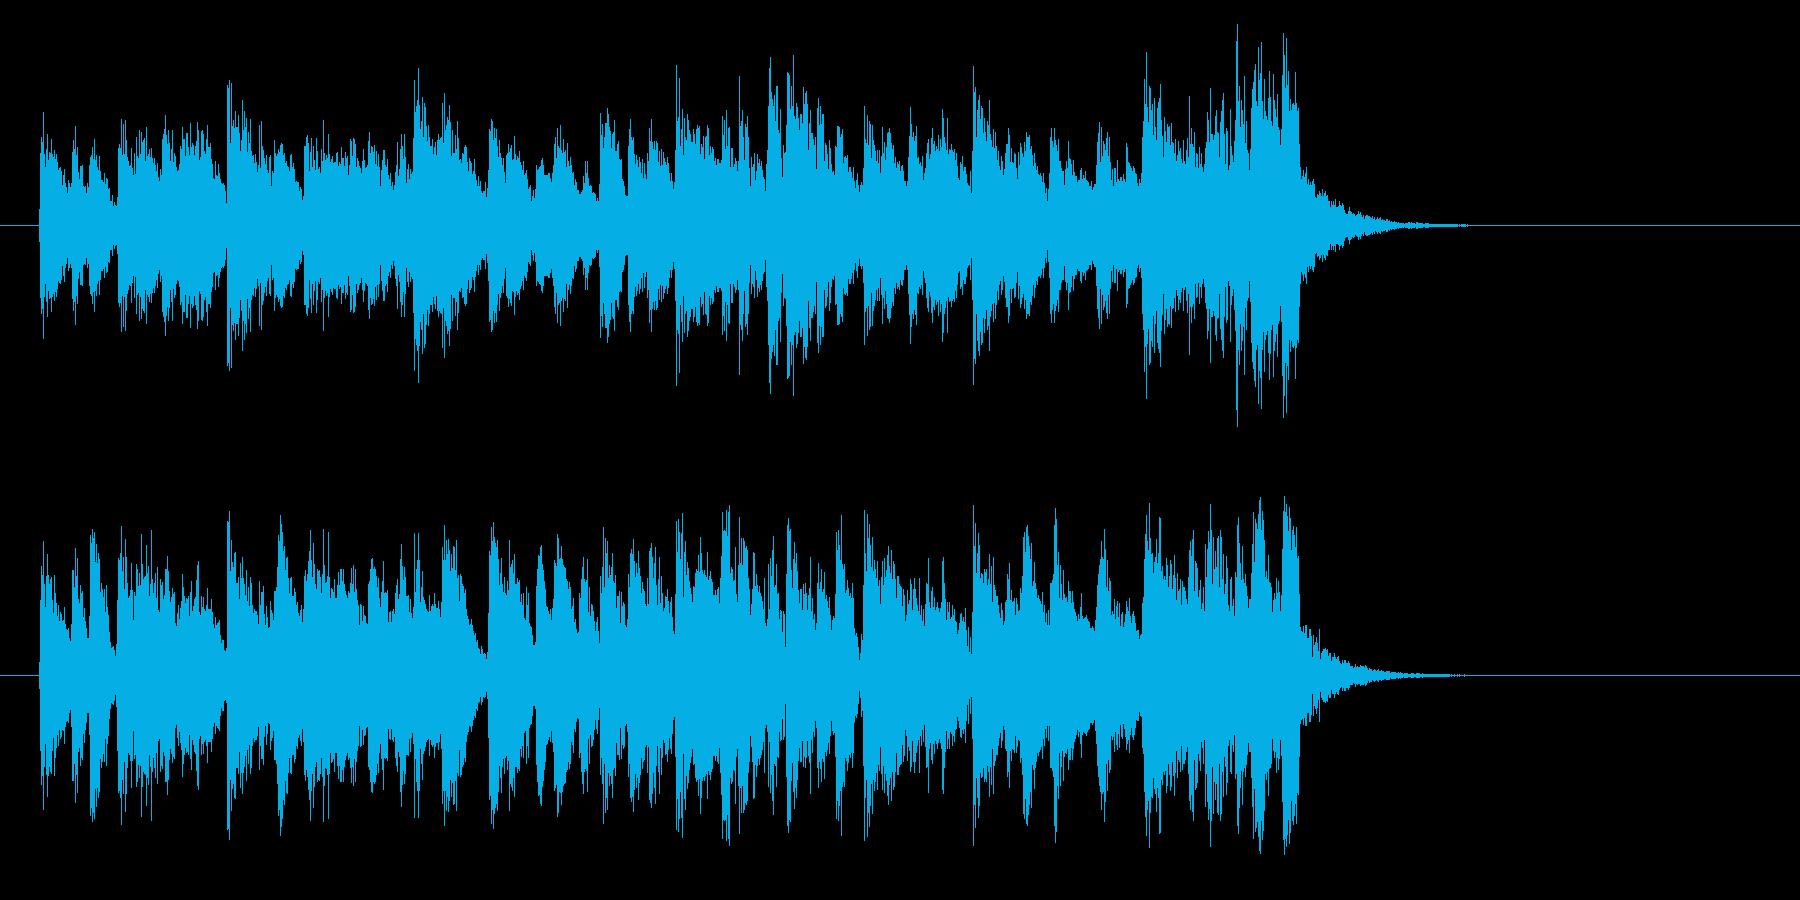 懐かしさに浸るジャズ(イントロ)の再生済みの波形